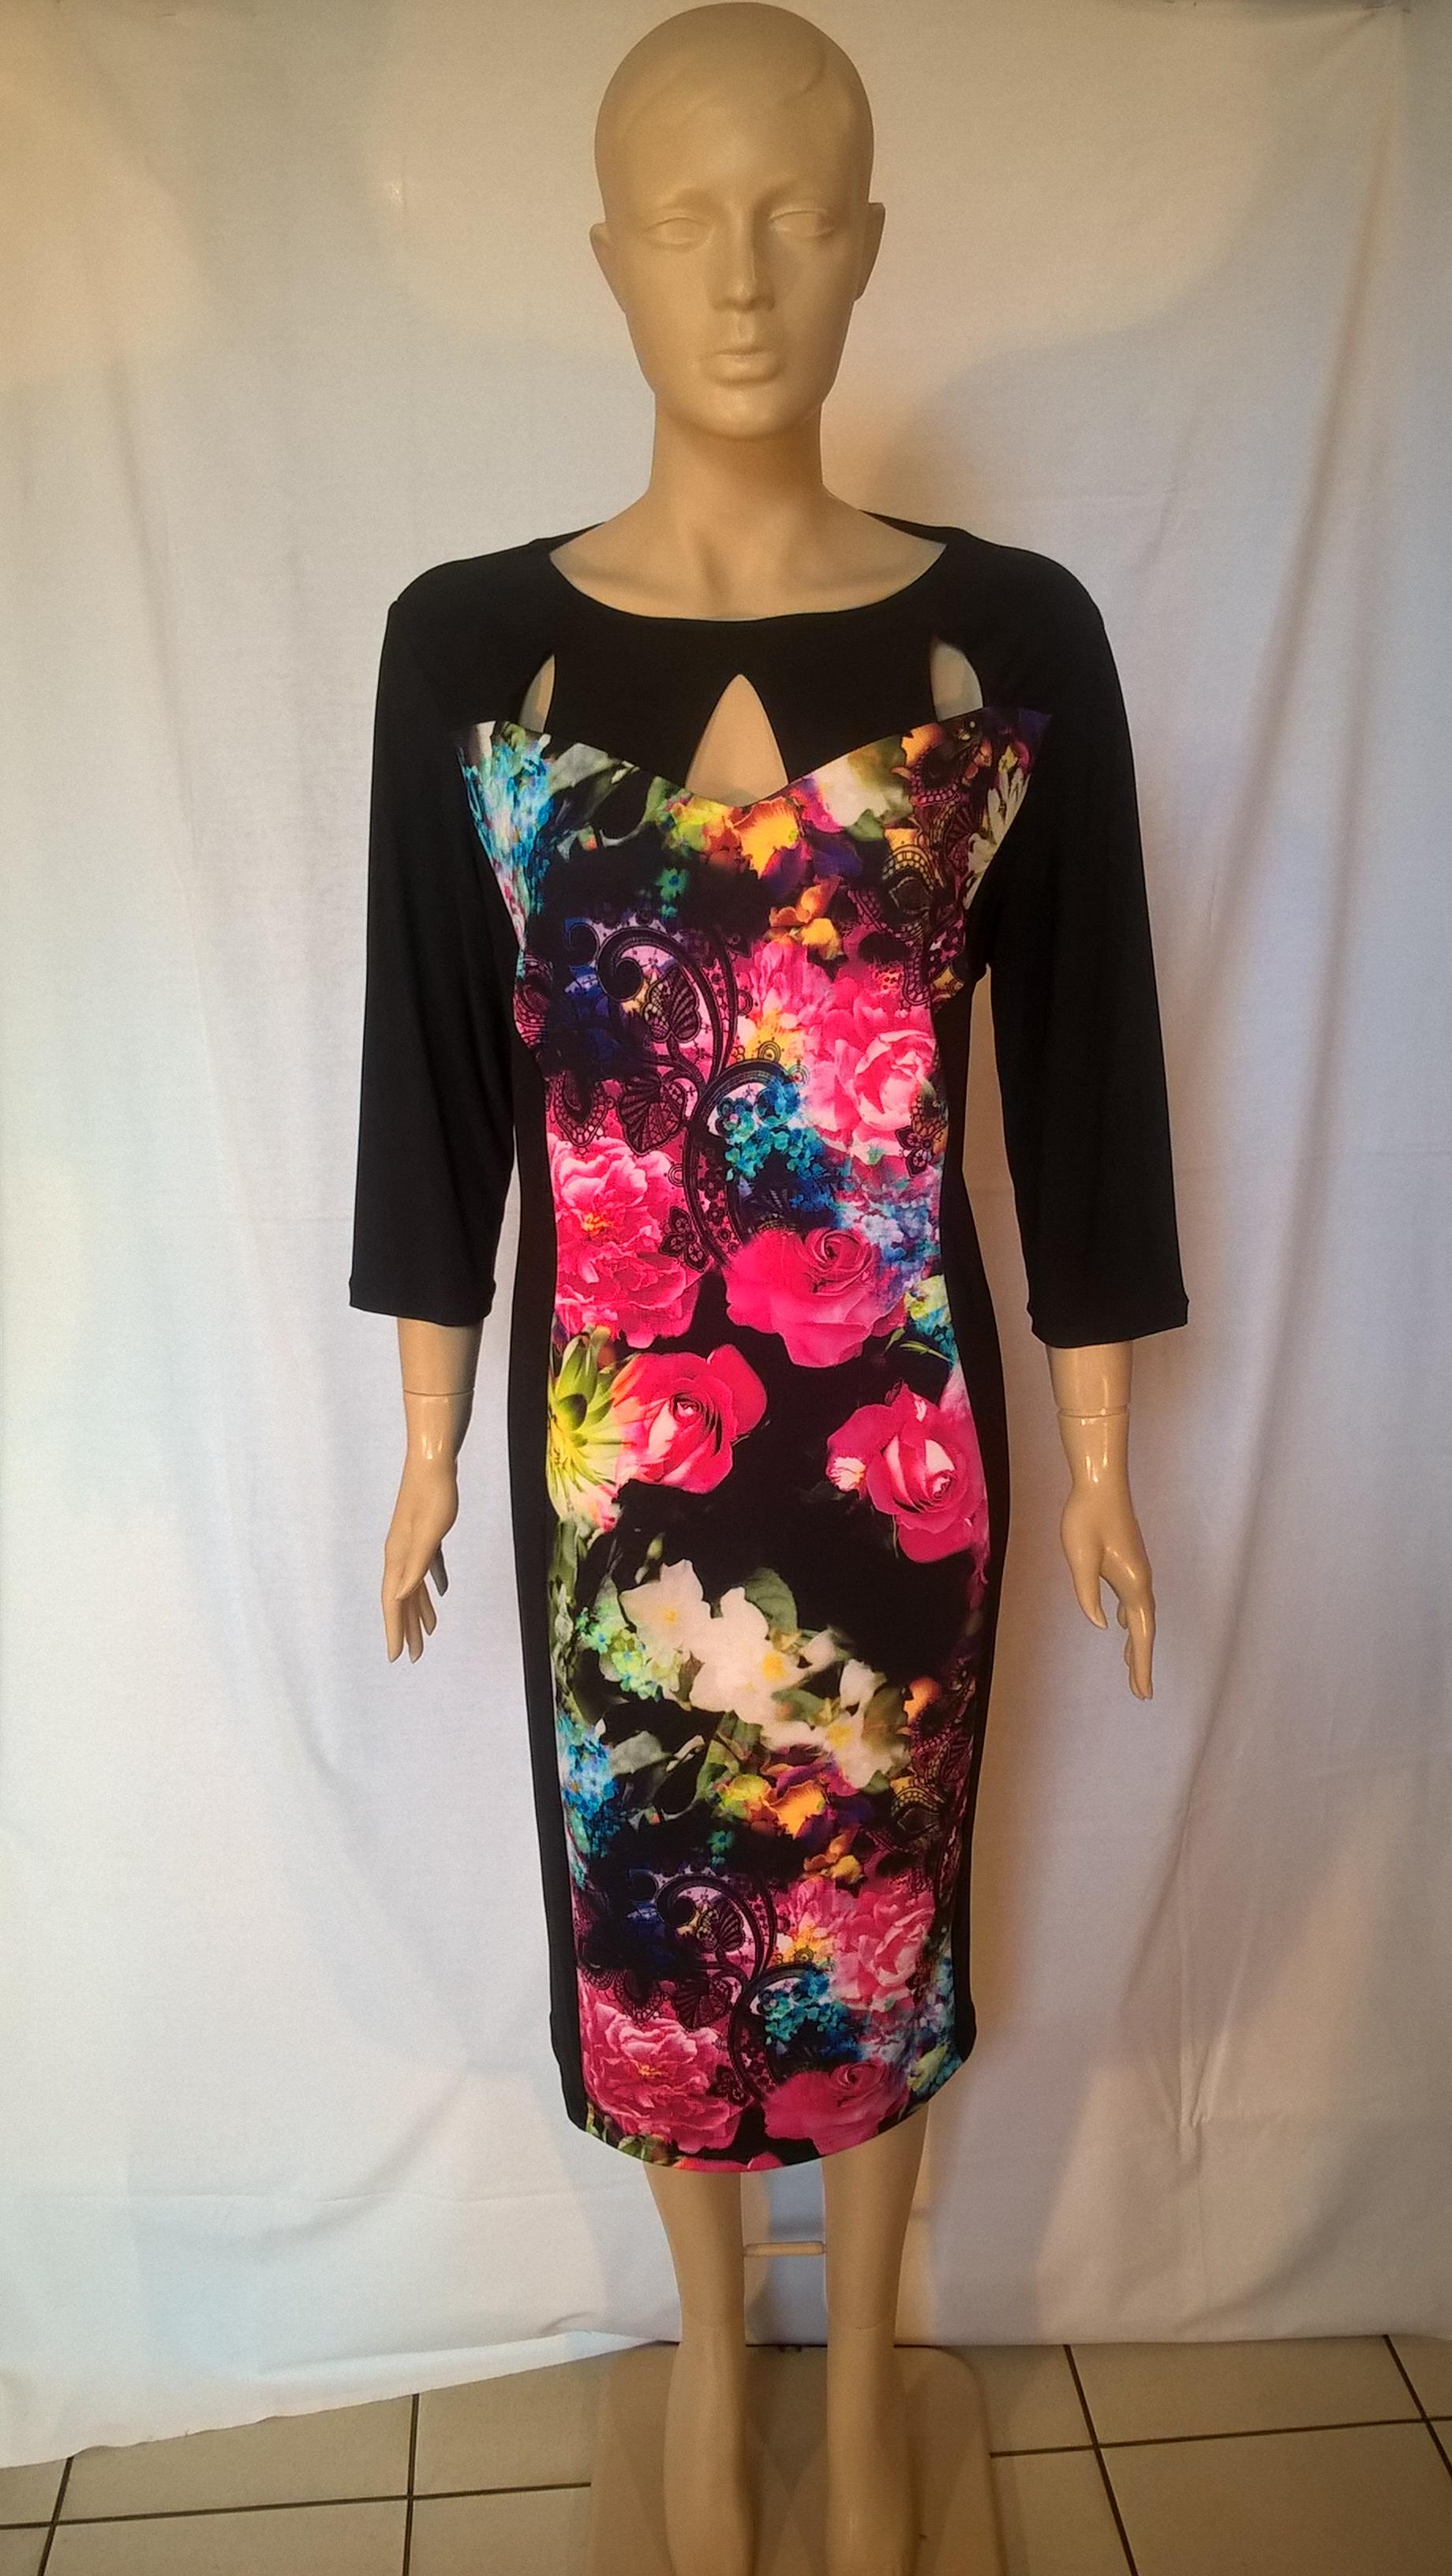 c3717779f5 Alkalmi ruhák : TIA fekete-színes egészruha